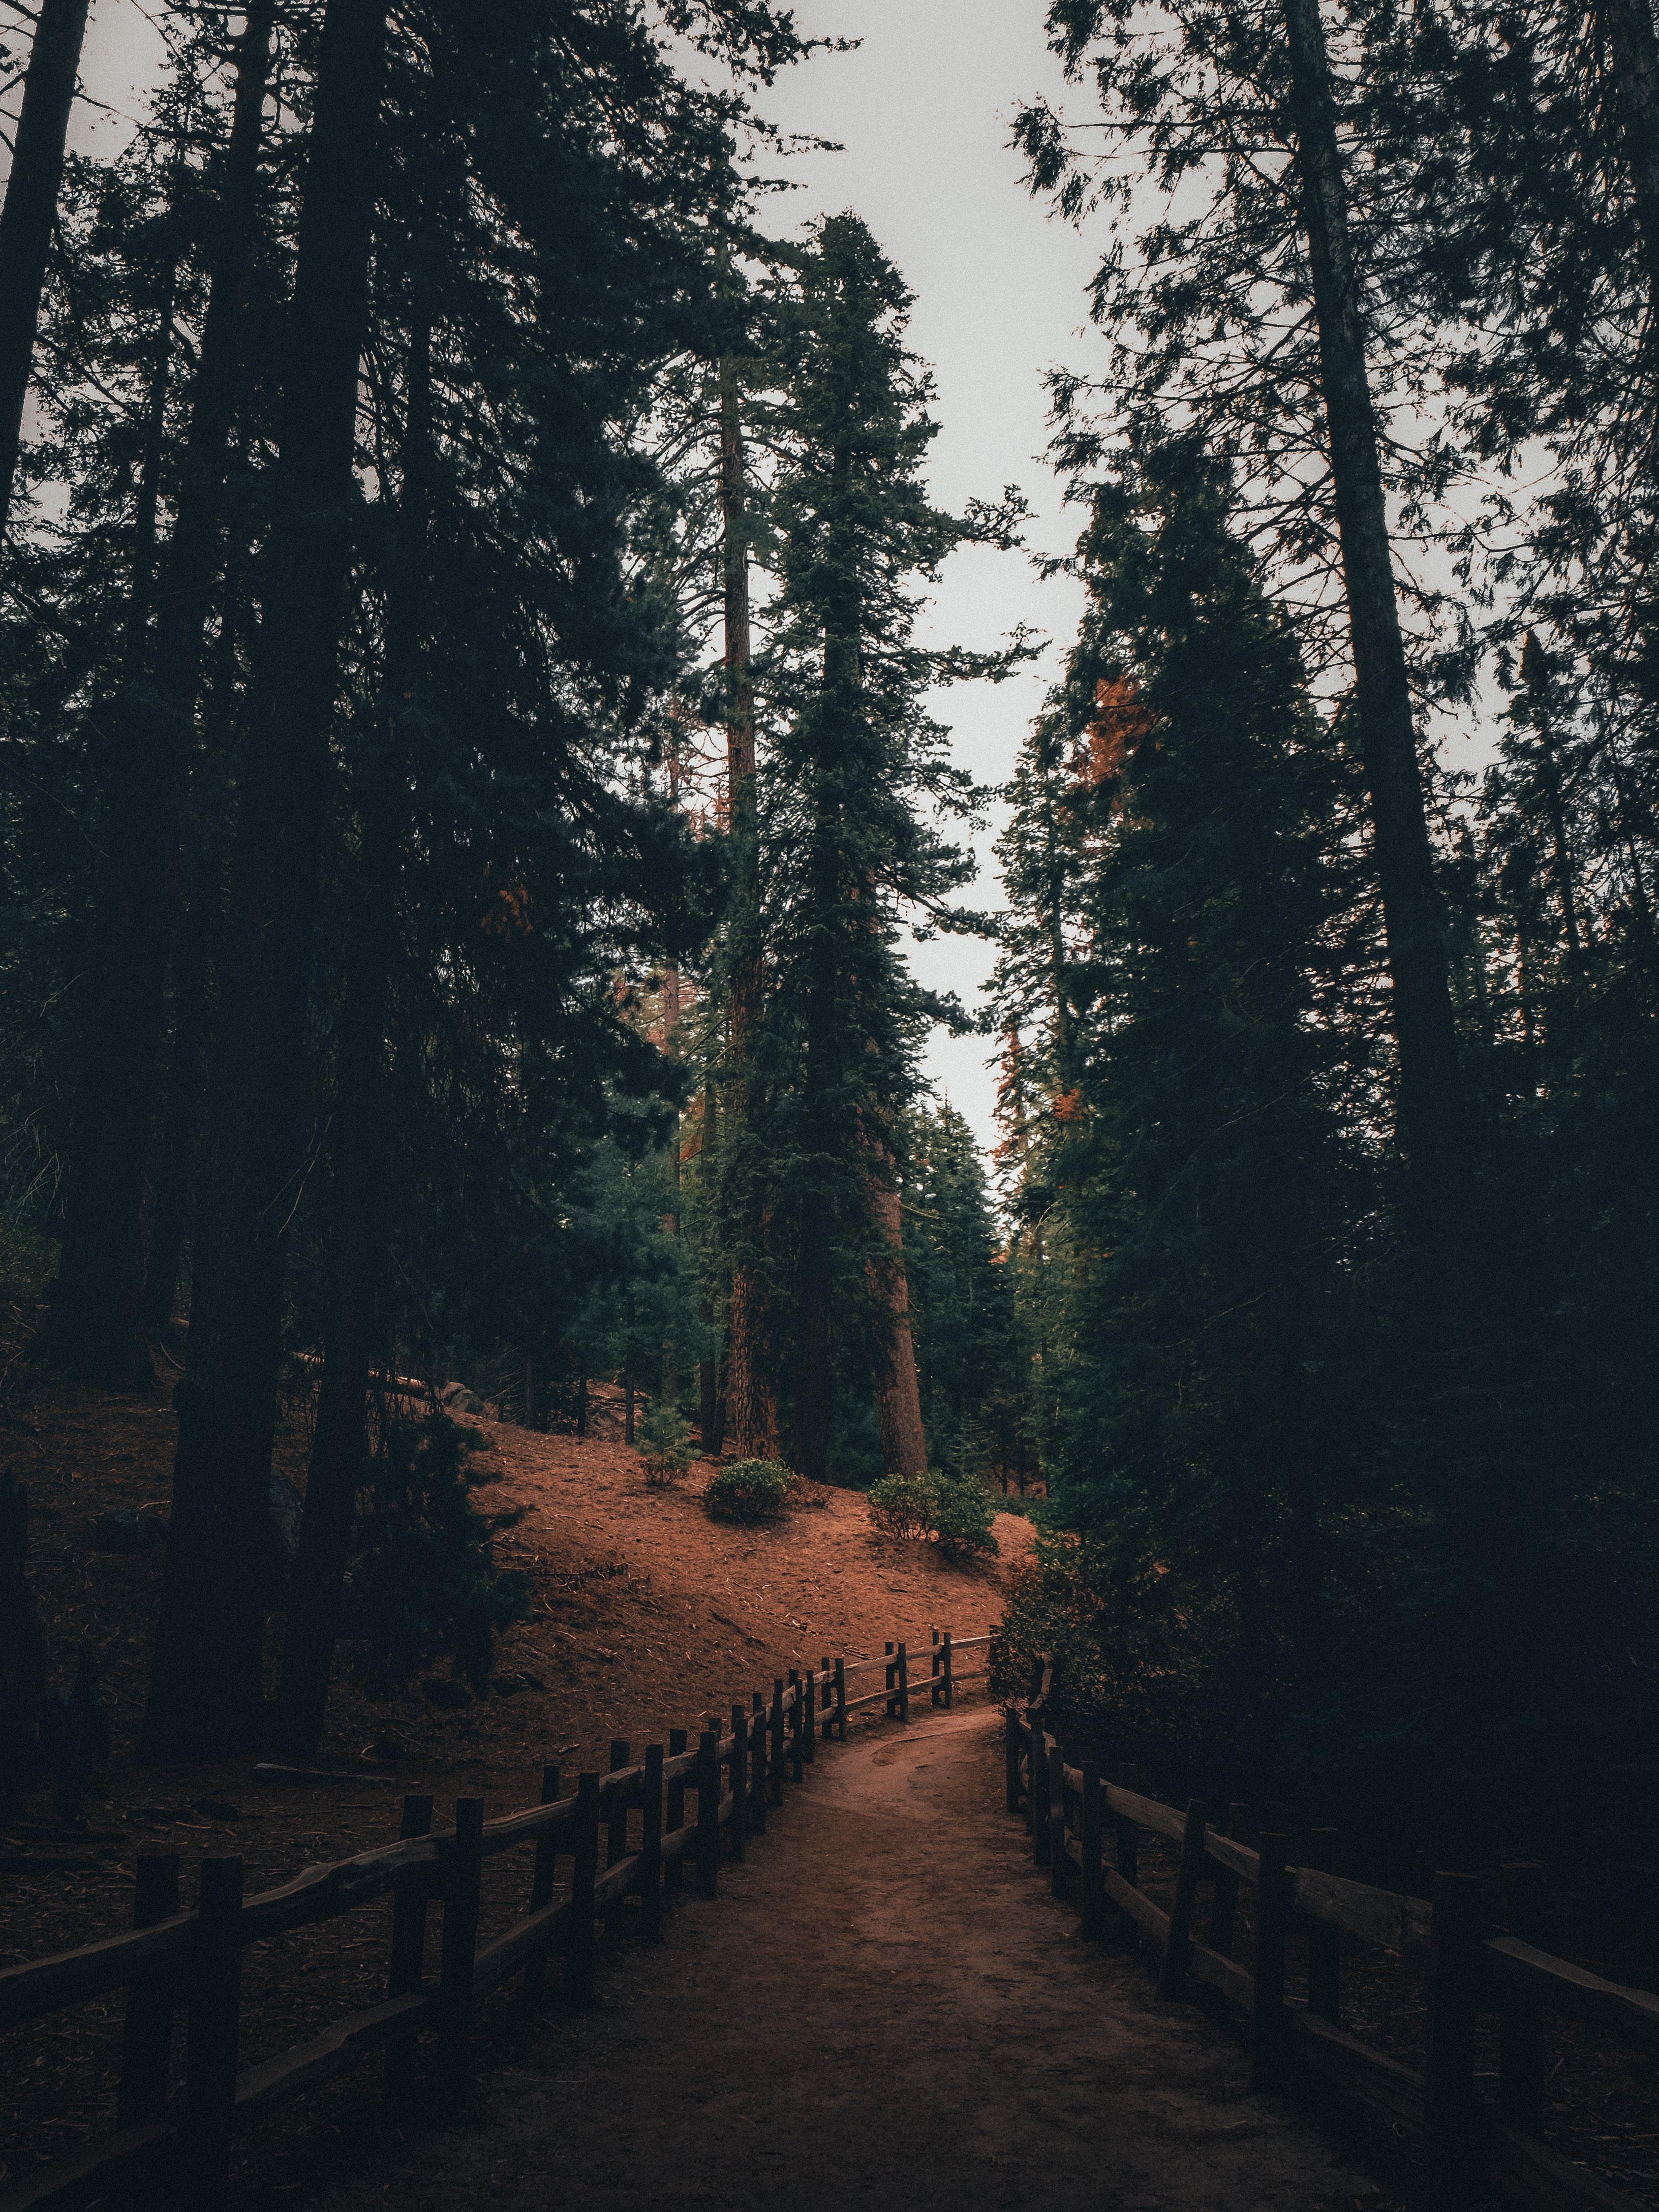 72173 скачать обои Дорожка, Деревья, Лес, Природа, Сосны - заставки и картинки бесплатно